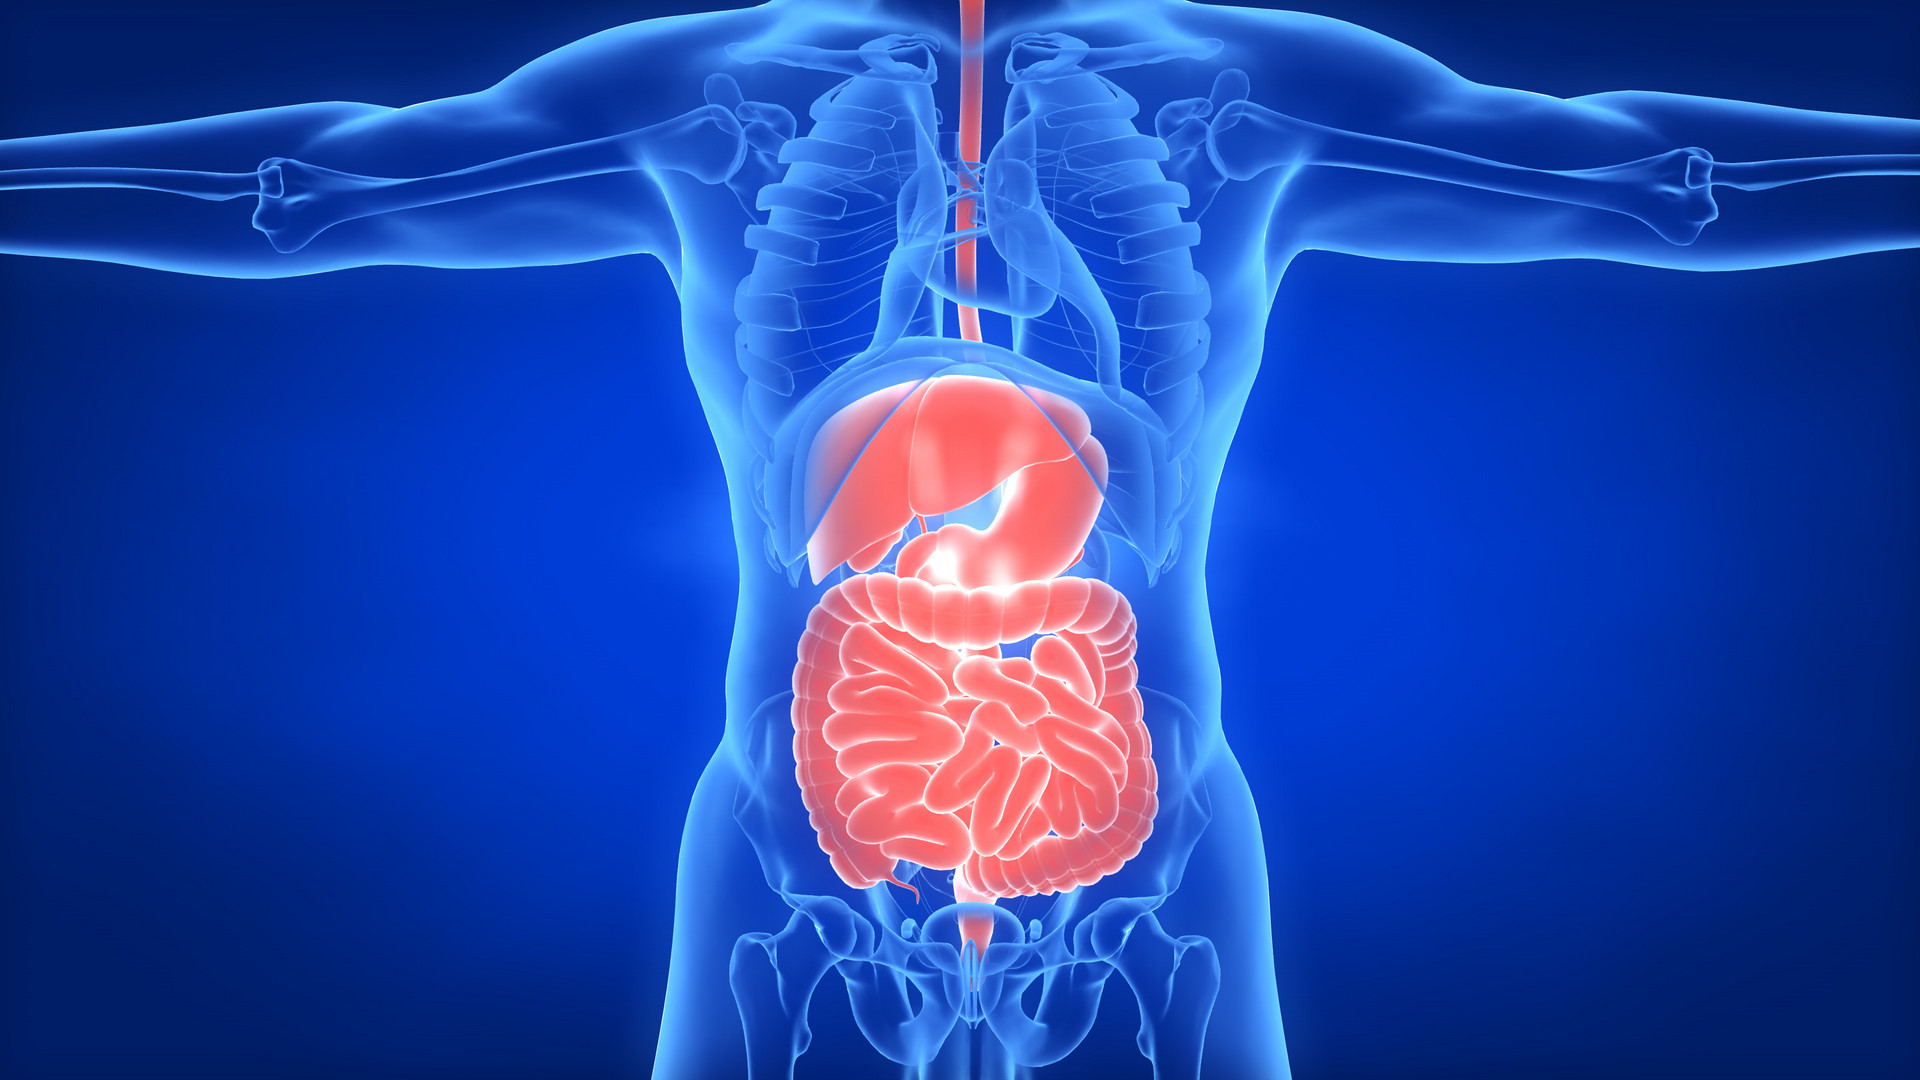 长效制剂来了,FDA批准托法替尼用于中重度溃疡性结肠炎患者